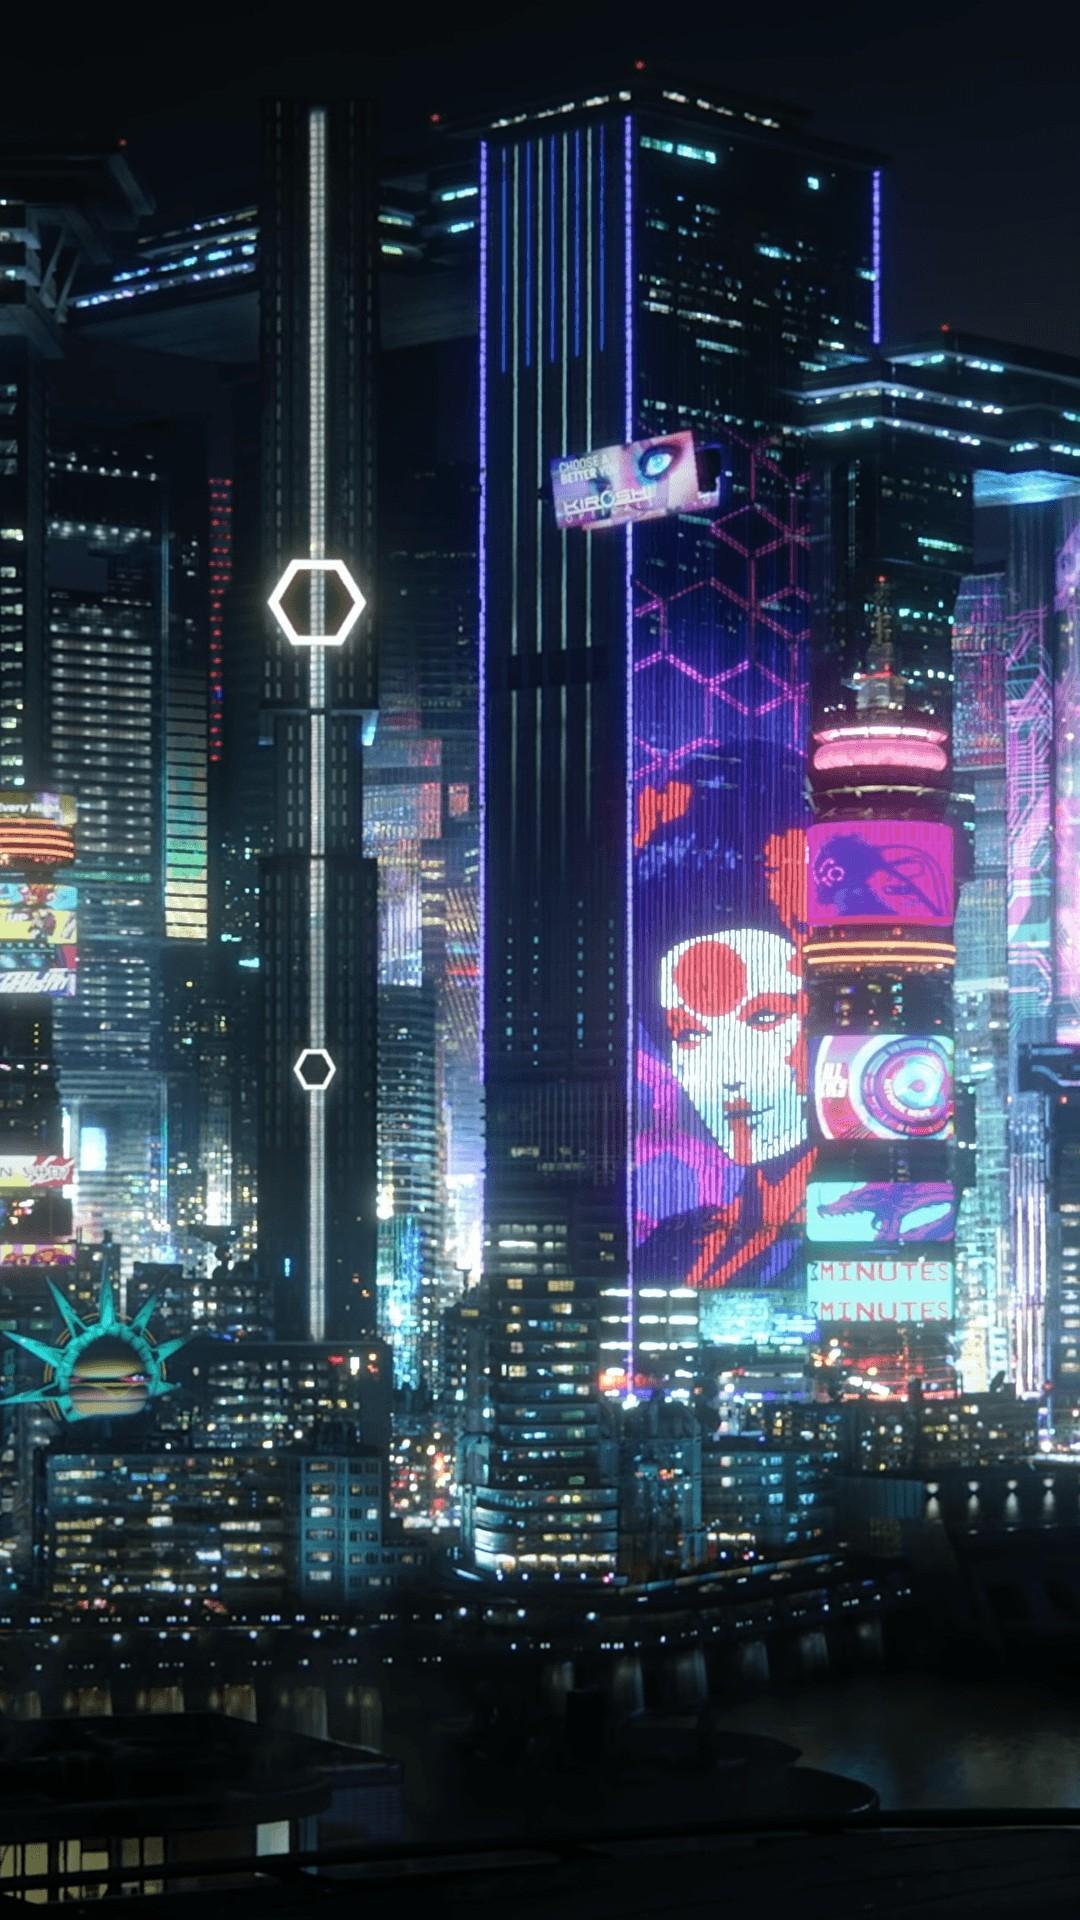 Cyberpunk iPhone 7 wallpaper